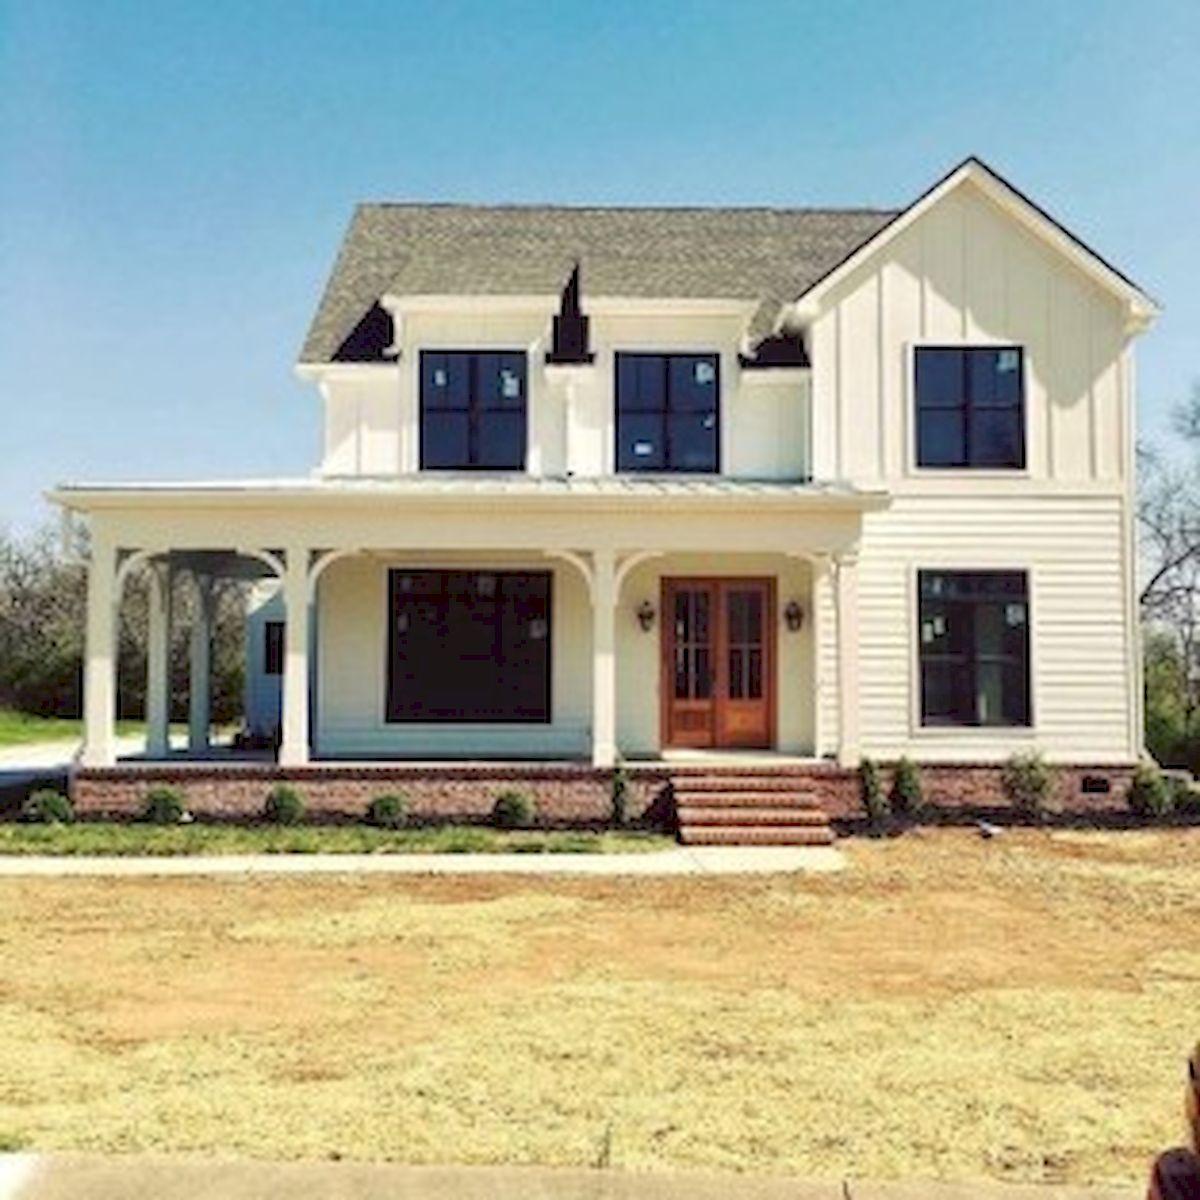 46 Awesome Farmhouse Home Exterior Design Ideas (3)